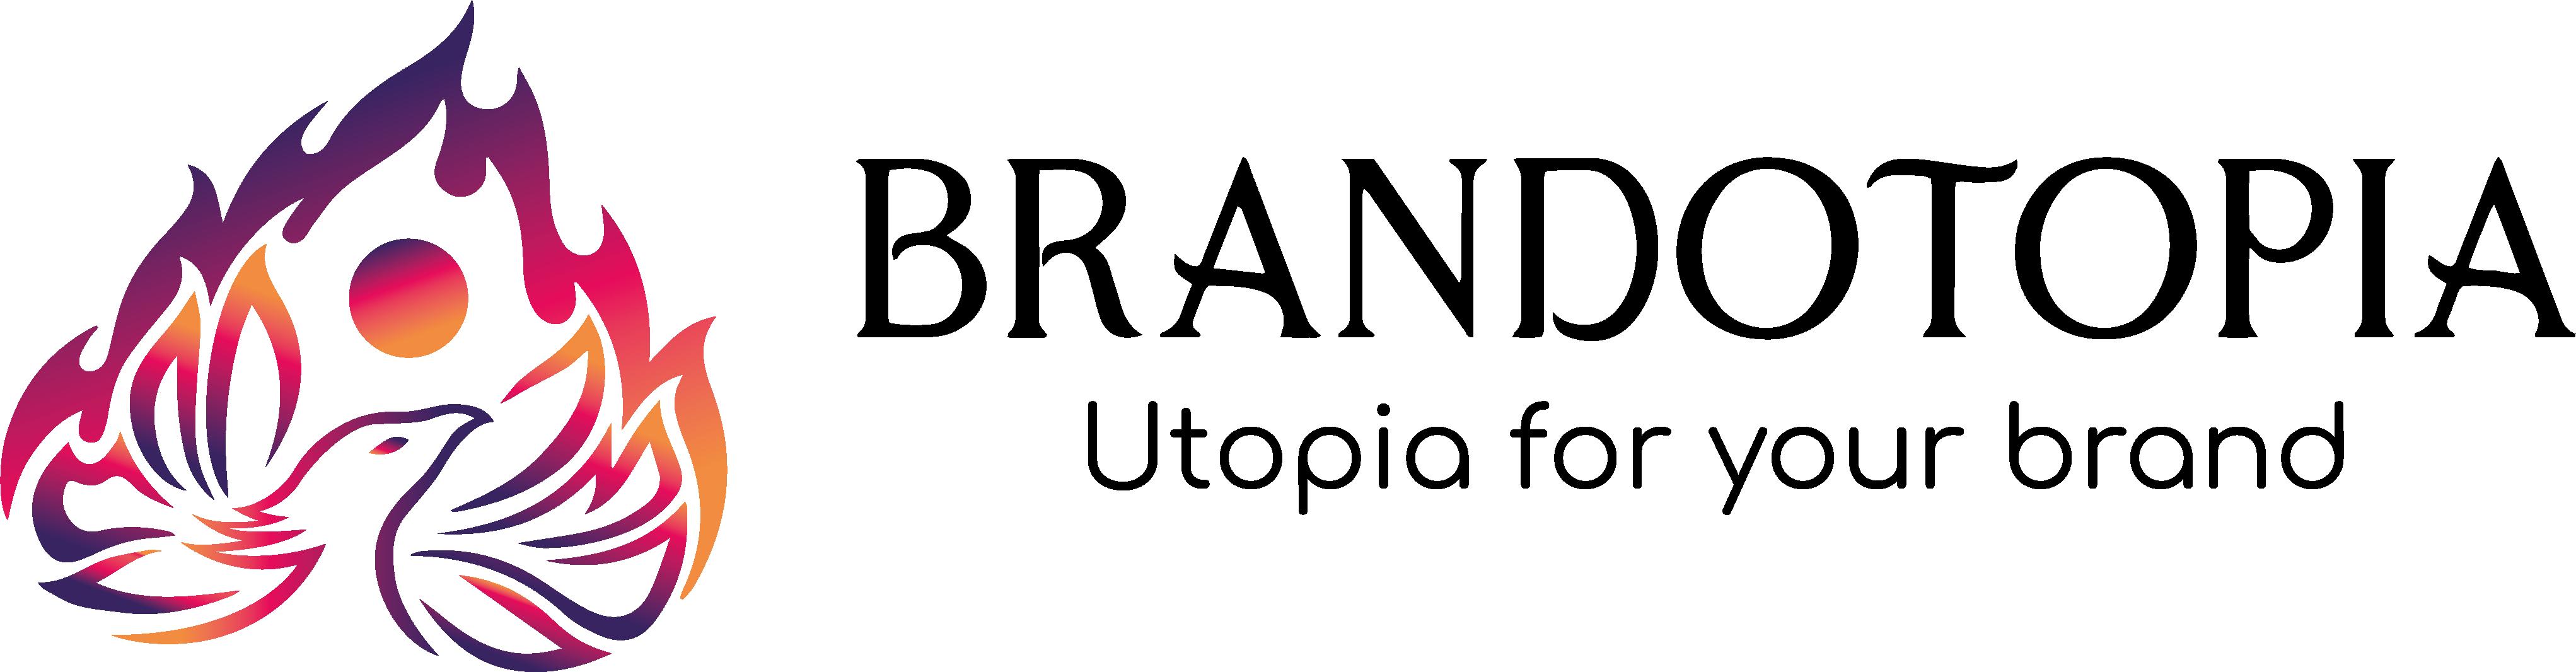 Брандотопия